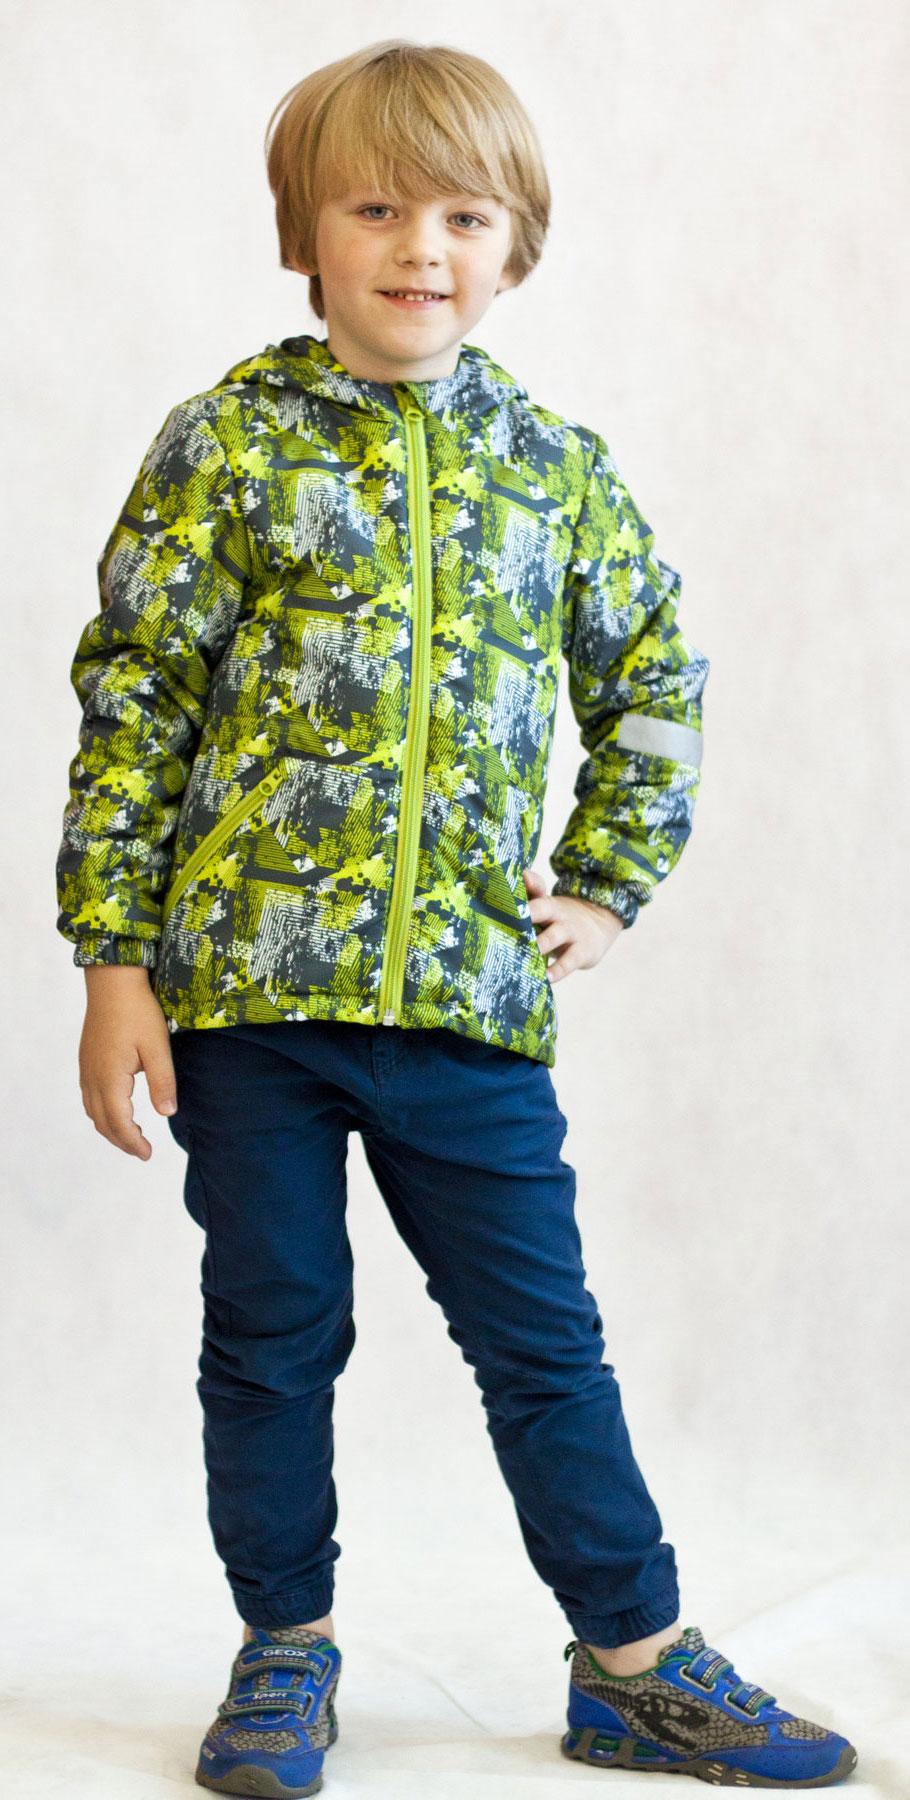 Куртка для мальчика Jicco Илар, цвет: серый, салатовый. 2К1719. Размер 92, 2 года2К1719Легкая и удобная весенняя куртка Илар от Jicco By Oldos отлично подойдет для прохладной весенней погоды. Модель выполнена из полиэстера со специальным водоотталкивающим покрытием, застегивается на молнию. Благодаря утеплителю Hollofan плотностью 100 г/м2 куртку можно носить при температуре +10…-5°С. Она прекрасно защитит от ветра и весеннего дождика. Куртка имеет все самое необходимое для комфортной носки. Внутренняя ветрозащитная планка по всей длине молнии с защитой подбородка от прищемления. Низ куртки регулируется по ширине. Капюшон несъемный, для лучшего прилегания по краям вшита резинка. Манжеты присобраны на резинку. Есть светоотражающие элементы и карманы на молнии.